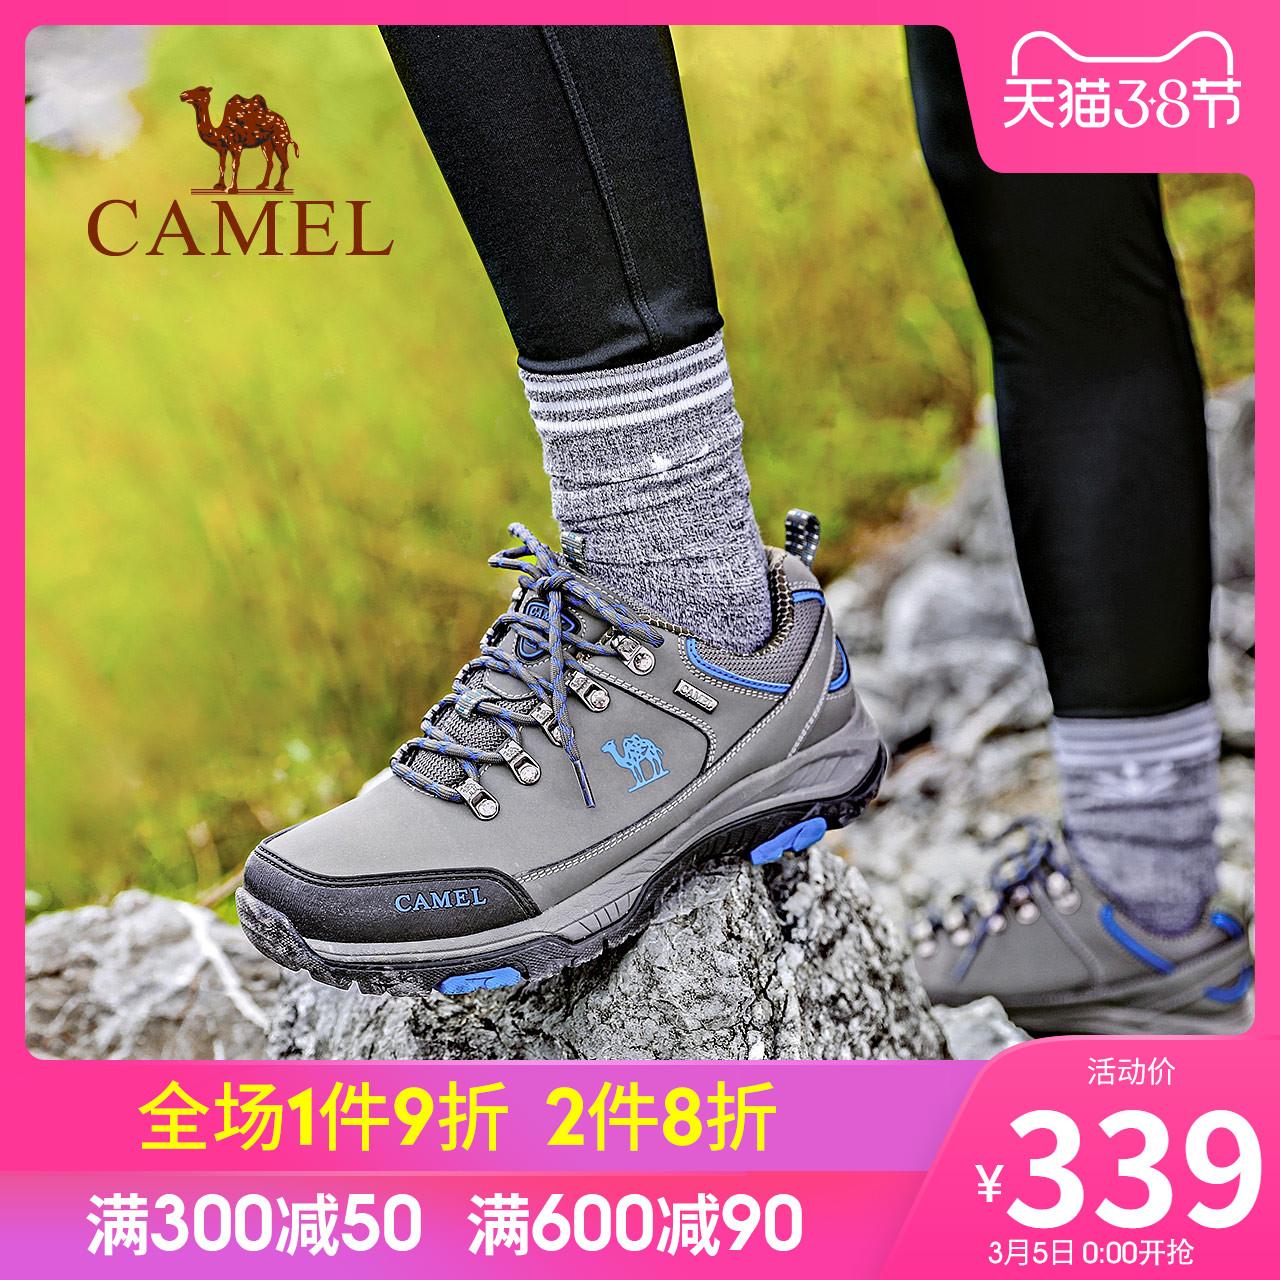 骆驼户外女款徒步鞋秋冬新款女款系带防滑耐磨越野透气徒步鞋女鞋